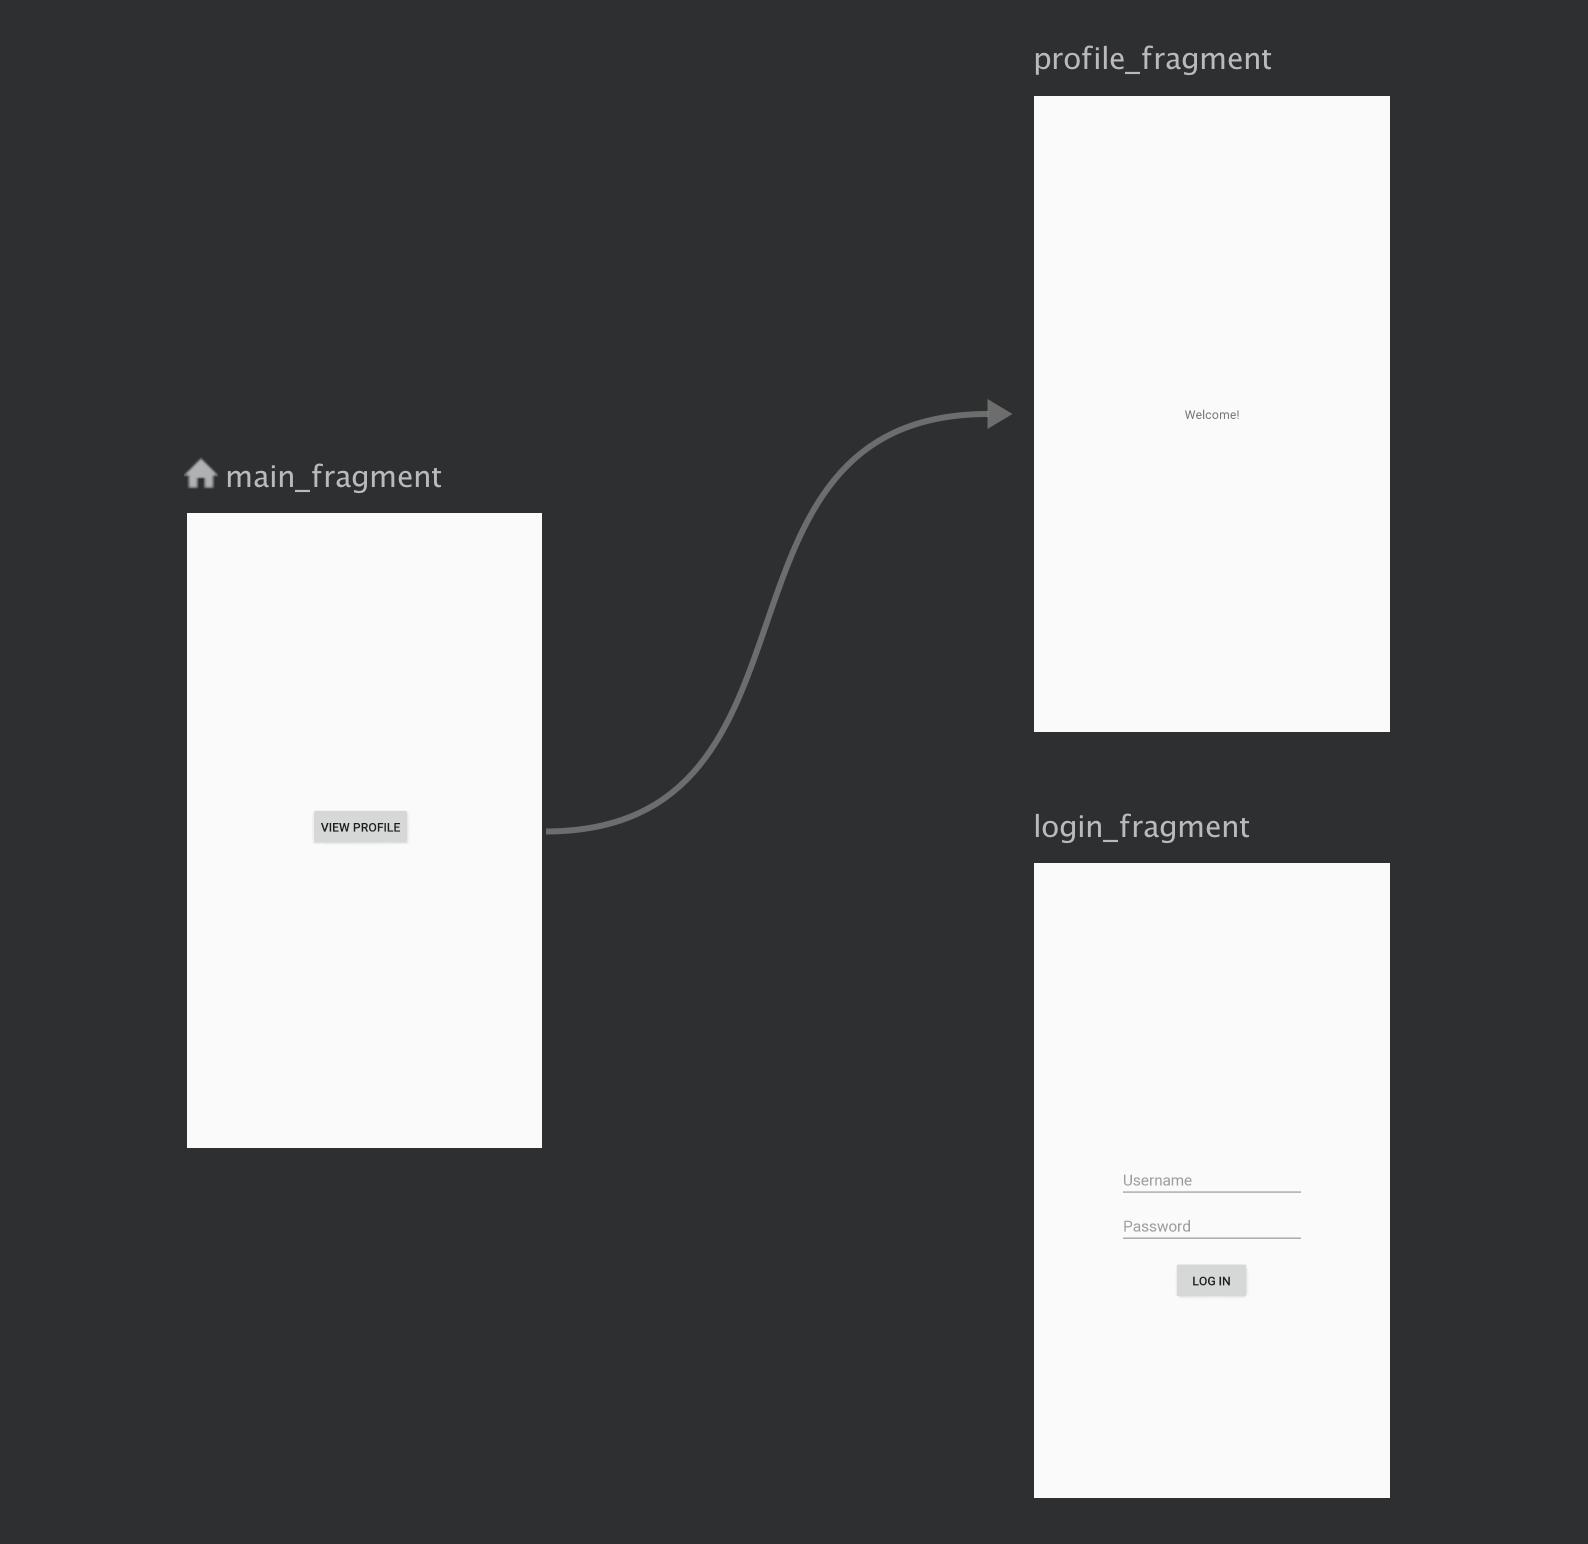 un flujo de acceso se controla de manera independiente del flujo de navegación principal de la app.